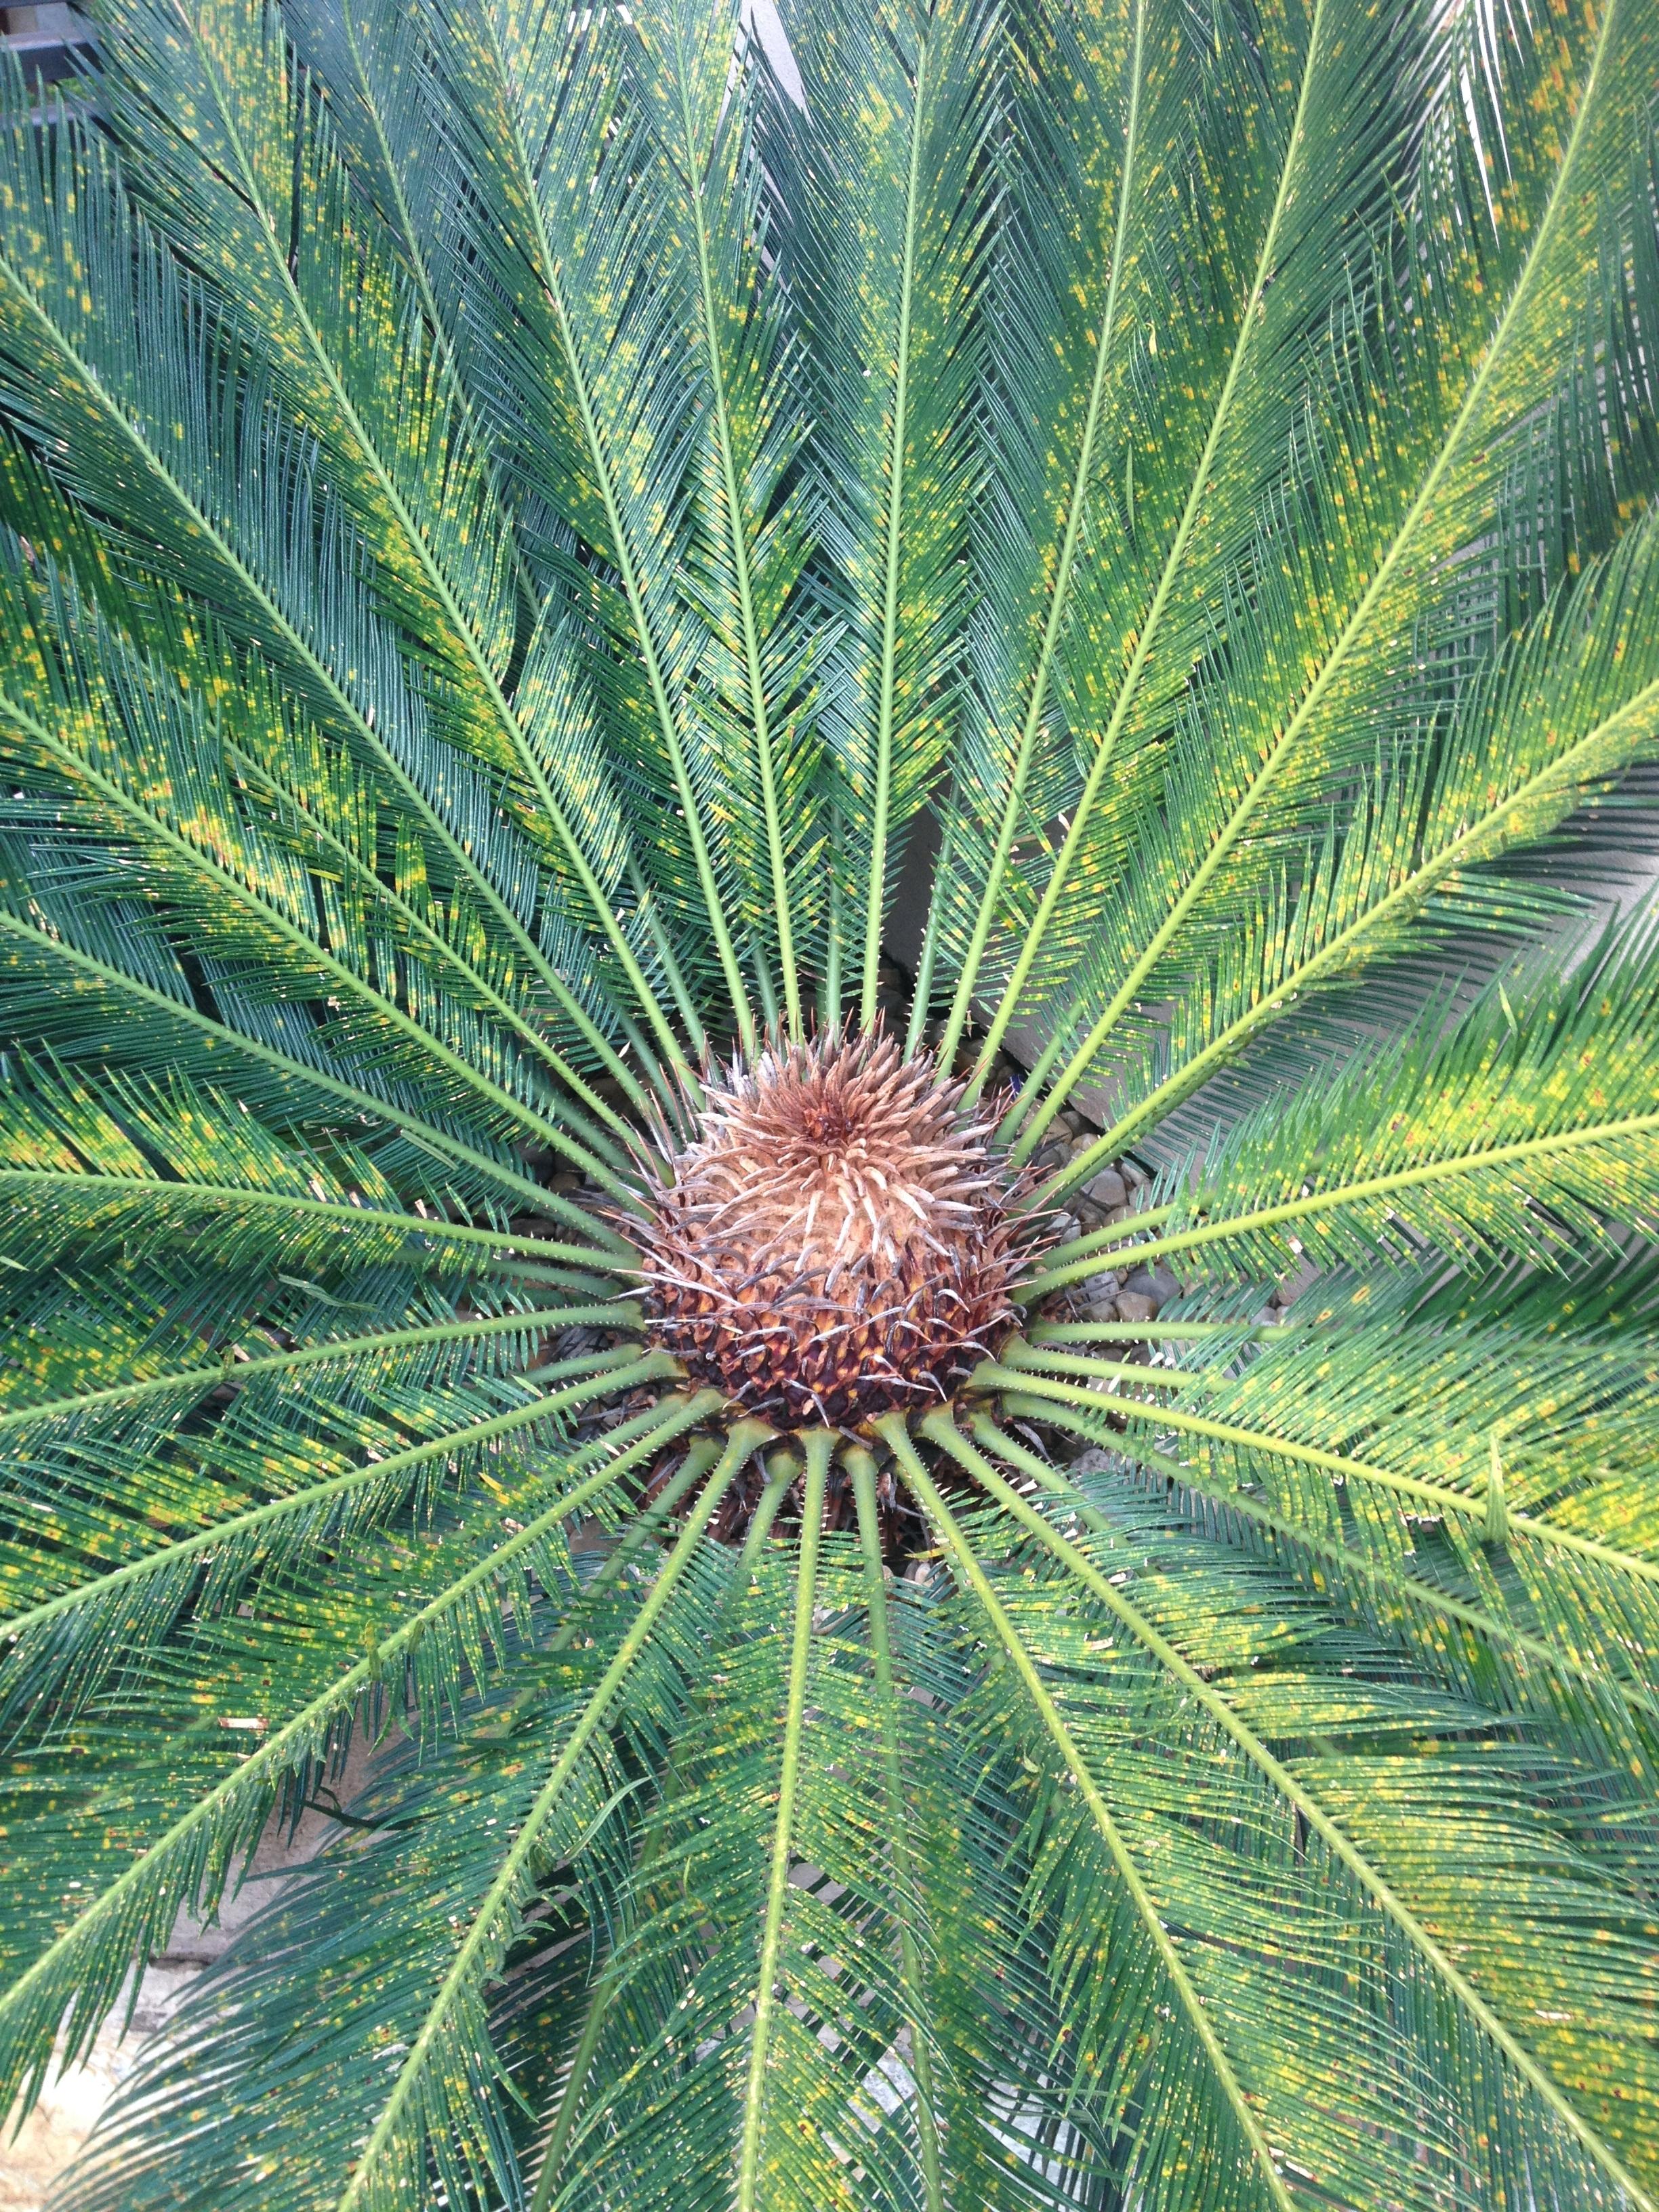 Extrêmement Images Gratuites : arbre, la nature, feuille, fleur, vert  HC88